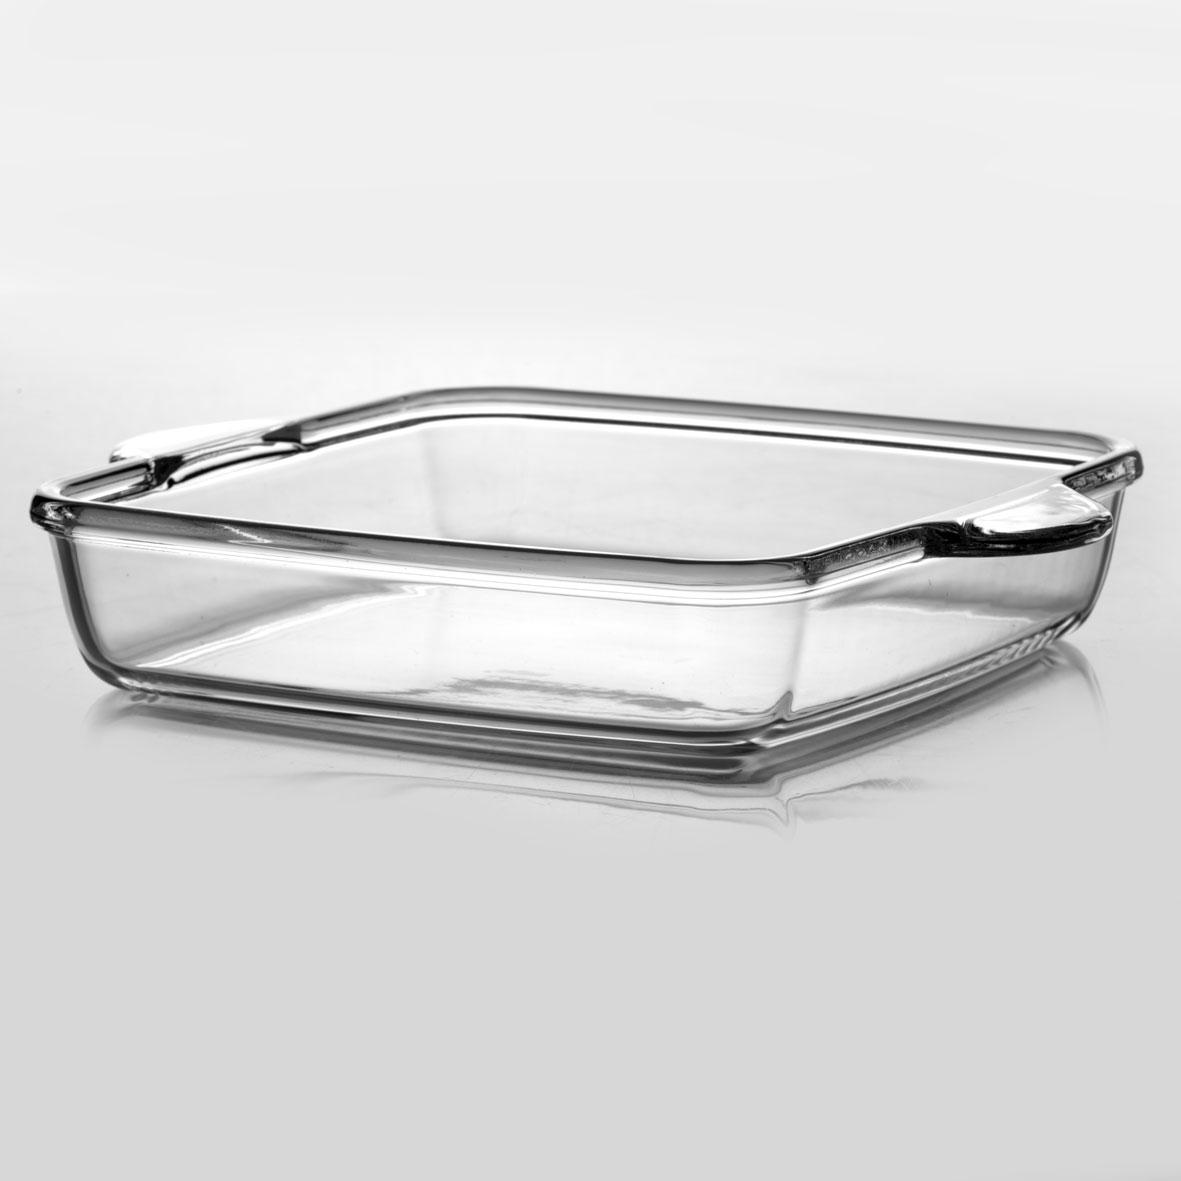 Форма для СВЧ Borcam, квадратная, 33 х 27 х 6 см59244Квадратная форма Borcam, изготовленная из жаропрочного боросиликатного стекла, будет отличным выбором для всех любителей блюд, приготовленных в духовке и микроволновой печи. В этой посуде вы будете с удовольствием готовить, легко контролируя процесс через прозрачное стекло. Вы сможете красиво сервировать стол, подав готовое блюдо в элегантной стеклянной емкости. А если необходимо, удобно разместите форму в холодильнике. Стекло устойчиво к механическим повреждениям и выдерживает большой перепад температур от - 30°C до 300°C. Термостойкое стекло Borcam - безопасный для здоровья, гигиеничный материал, который не вступает во взаимодействие с продуктами питания, пища не приобретает в процессе приготовления или хранения никаких дополнительных привкусов. Посуда легко очищается нейтральными моющими средствами с помощью мягкой губки или салфетки, имеет длительный срок службы и не теряет в процессе использования внешней привлекательности. Подходит для мытья в посудомоечной машине.